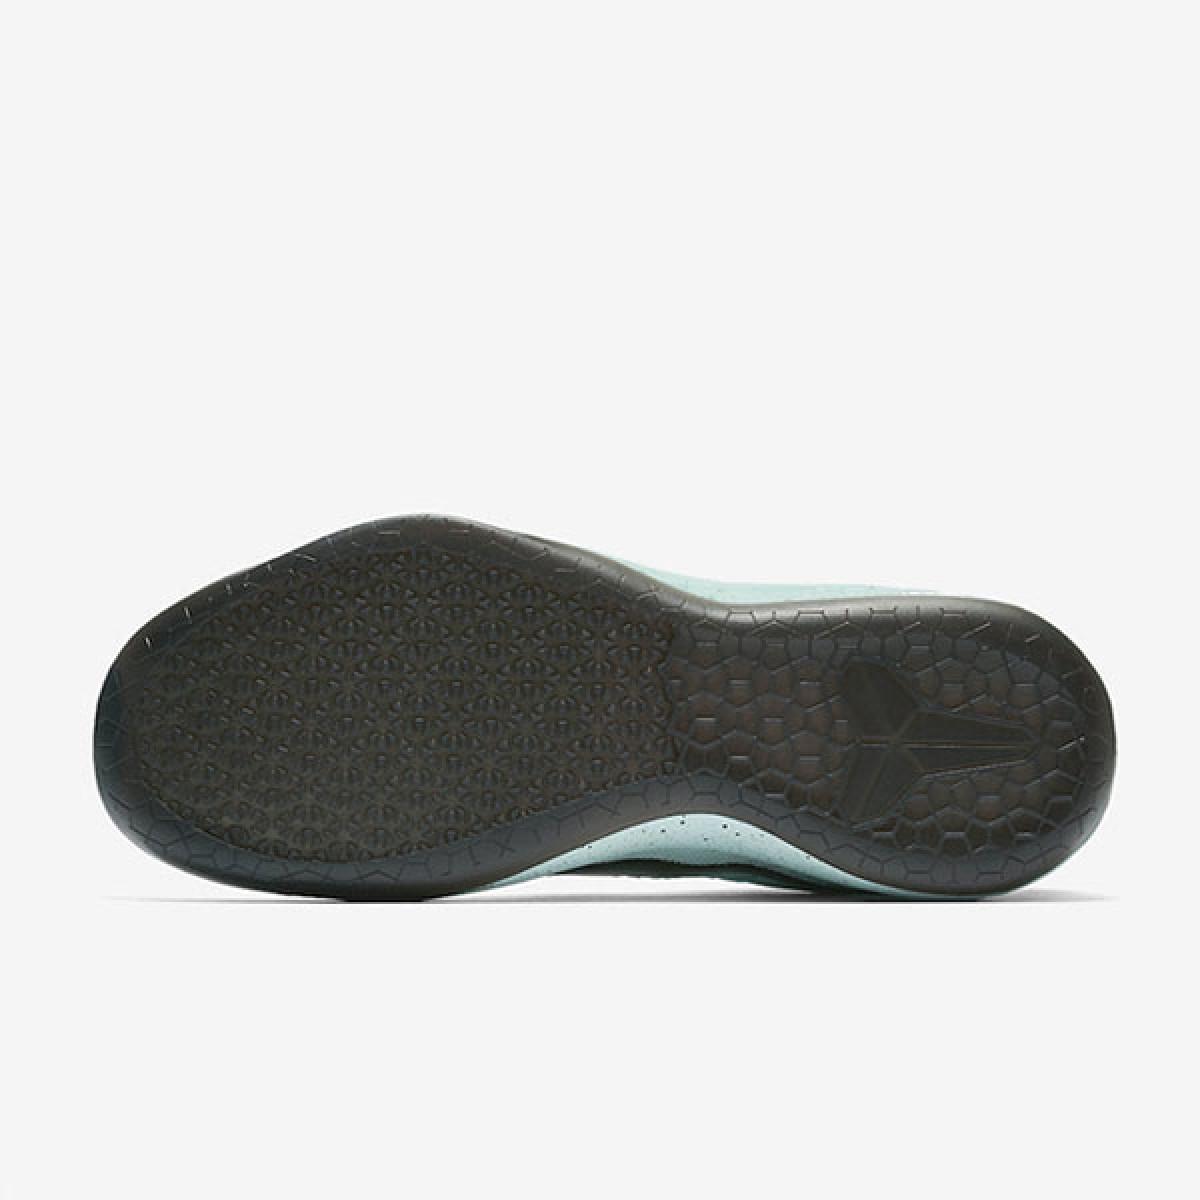 Nike Kobe AD 'Igloo' 852425-300